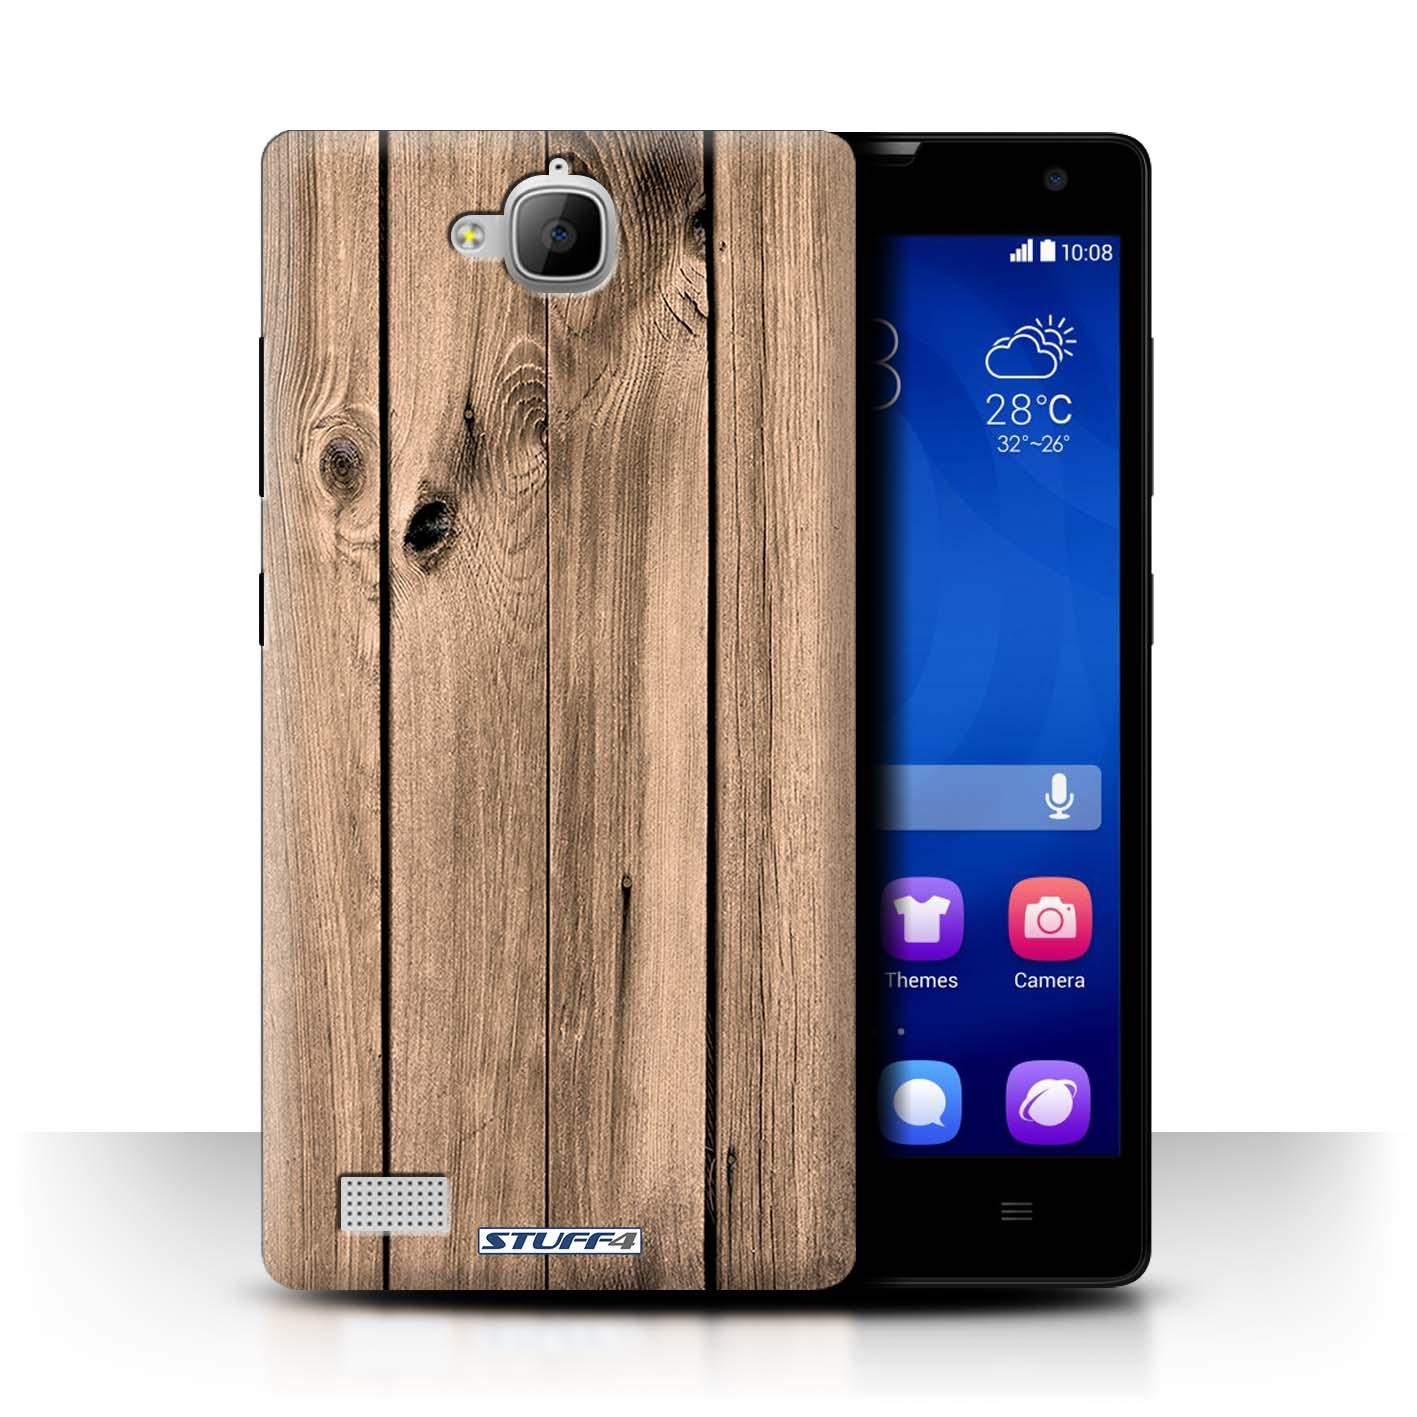 STUFF4-Coque-Etui-pour-Huawei-Honor-Smartphone-Motif-Grain-de-Bois-Housse